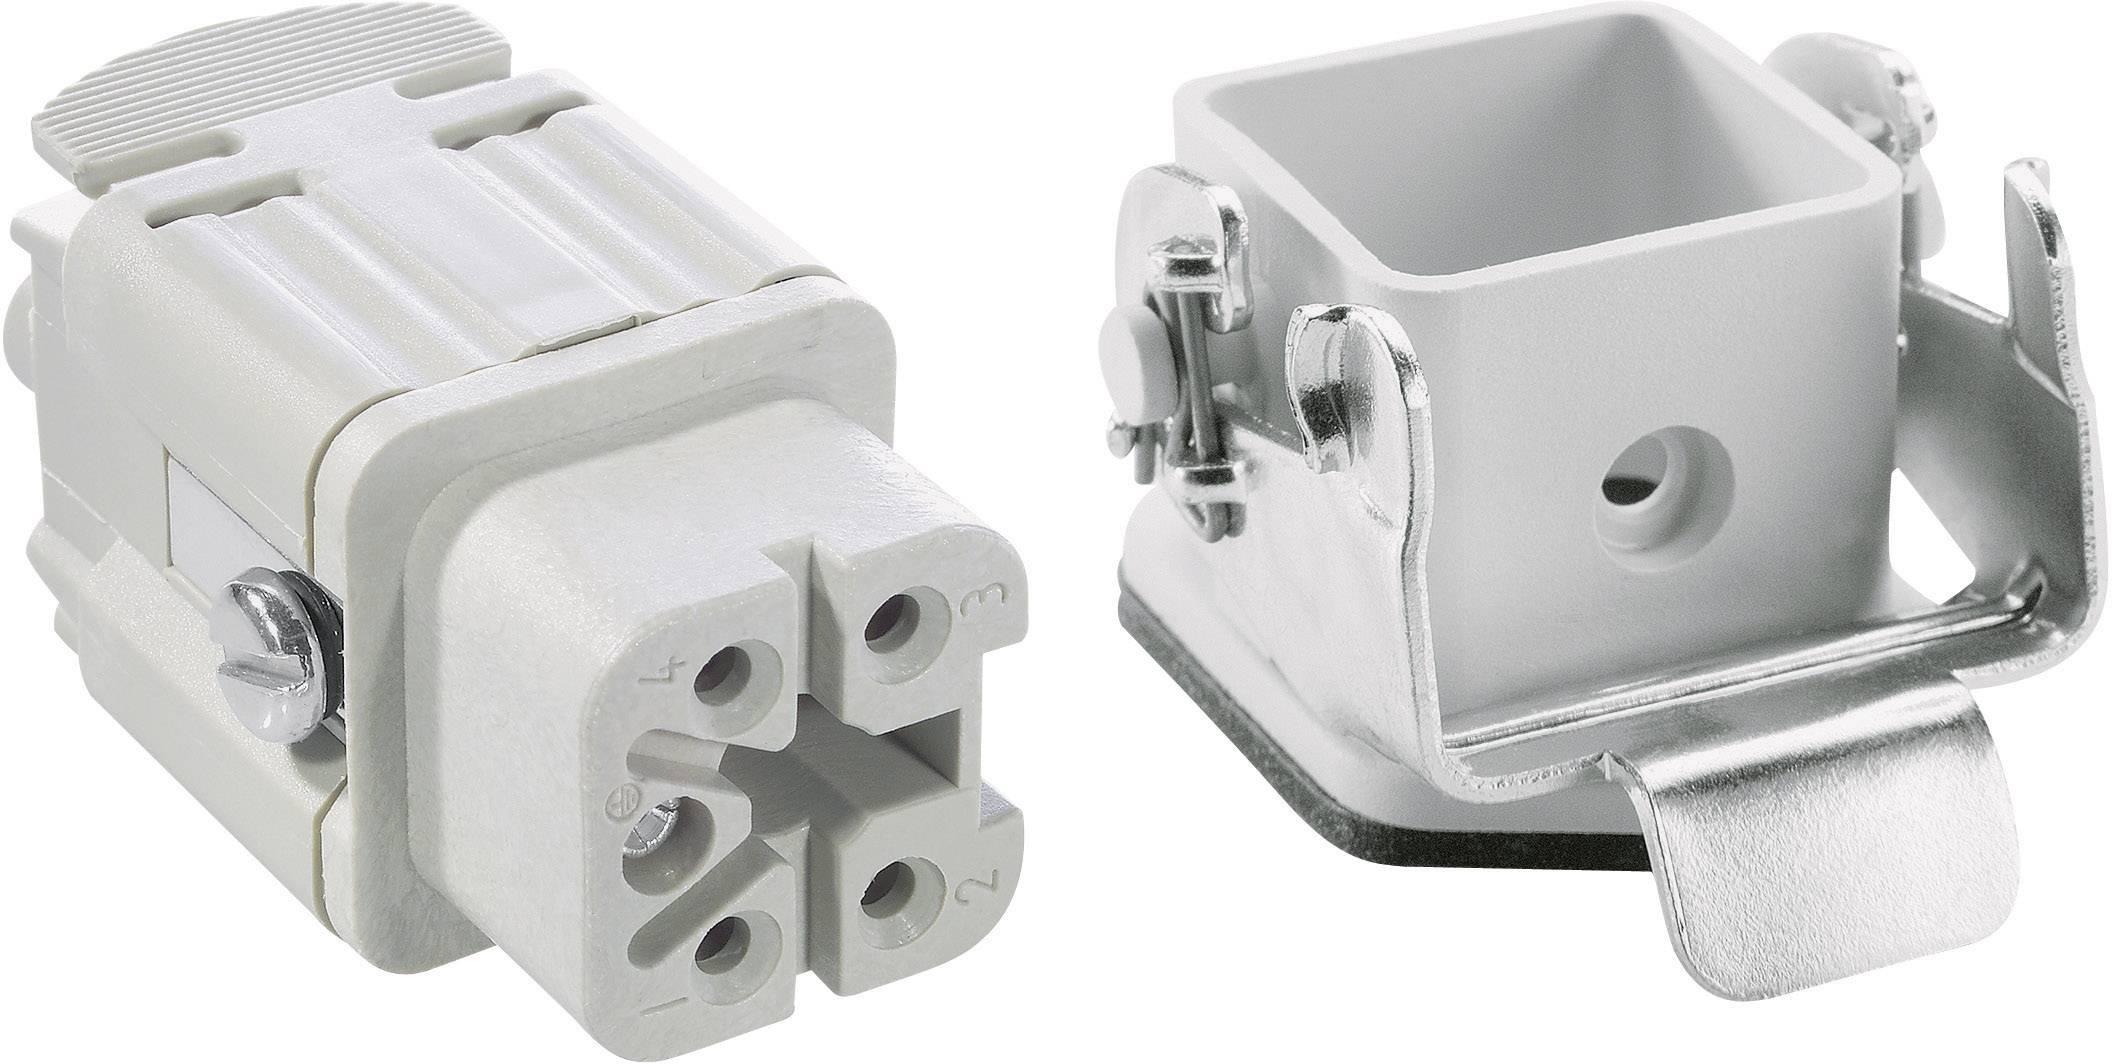 Sada konektorů EPIC®KIT H-A 4 75009617 LAPP 4 + PE šroubovací 1 sada